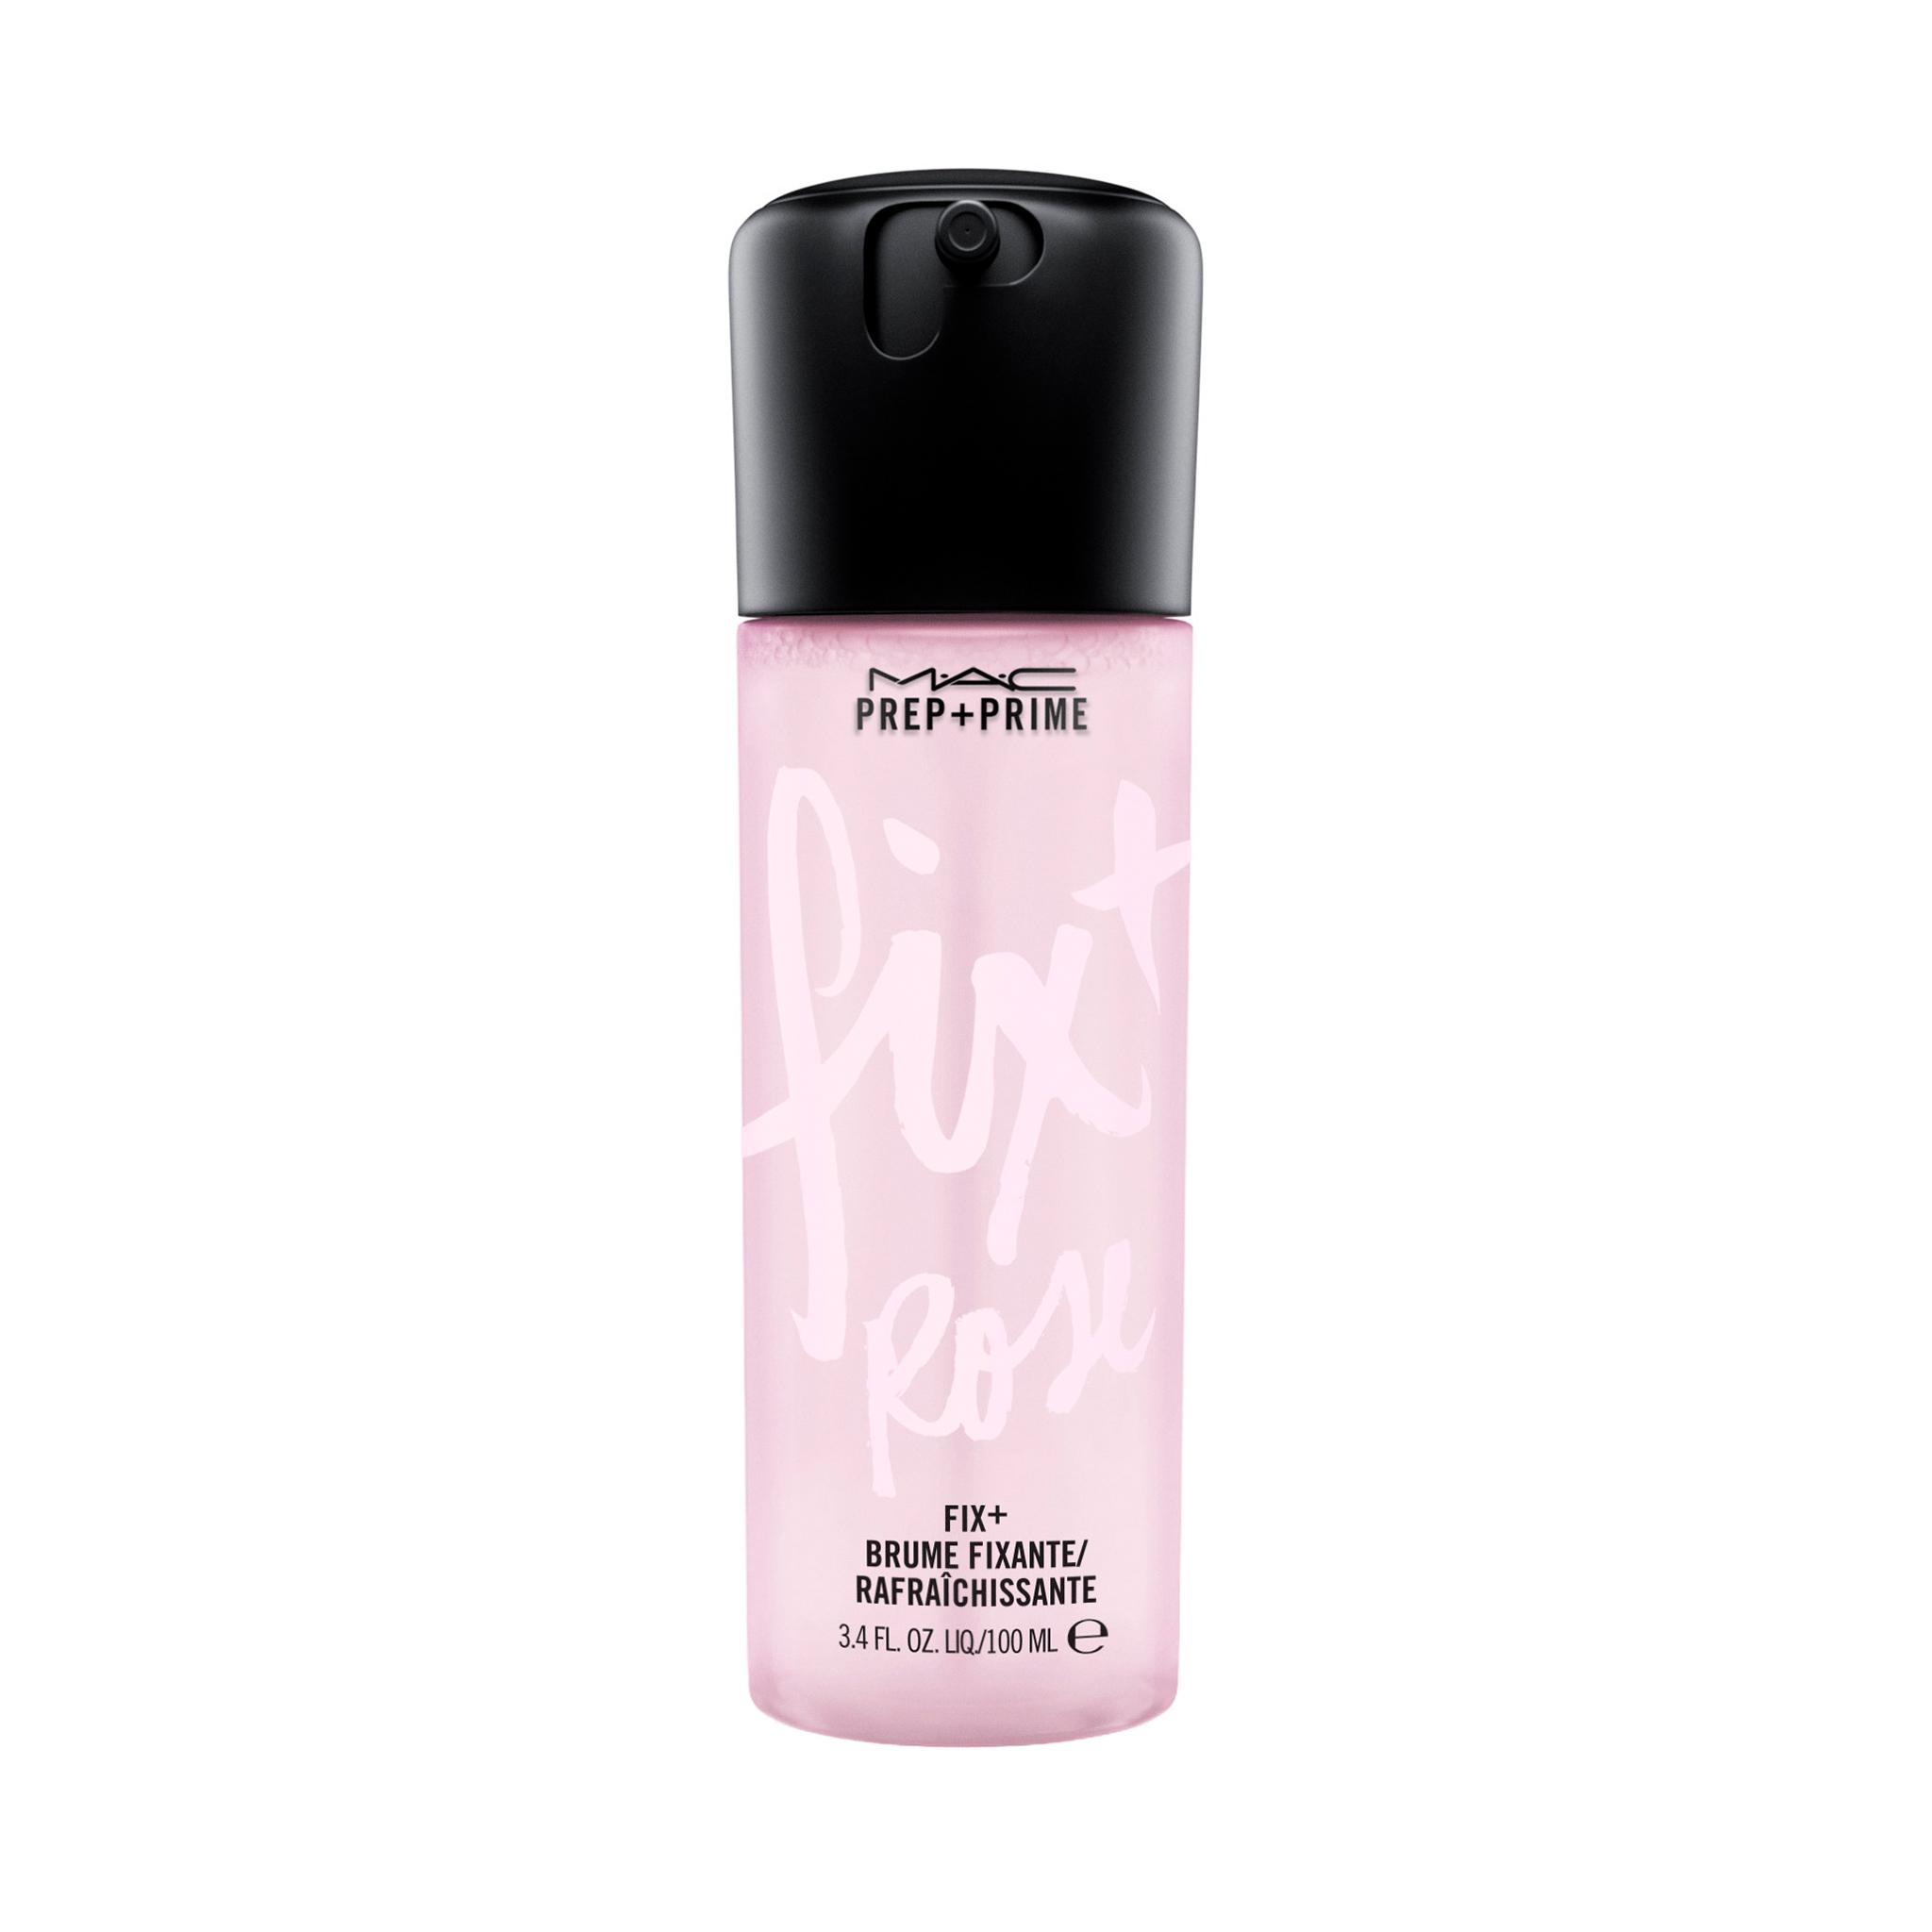 MAC Prep + Prime Fix+, rose, 100 ml